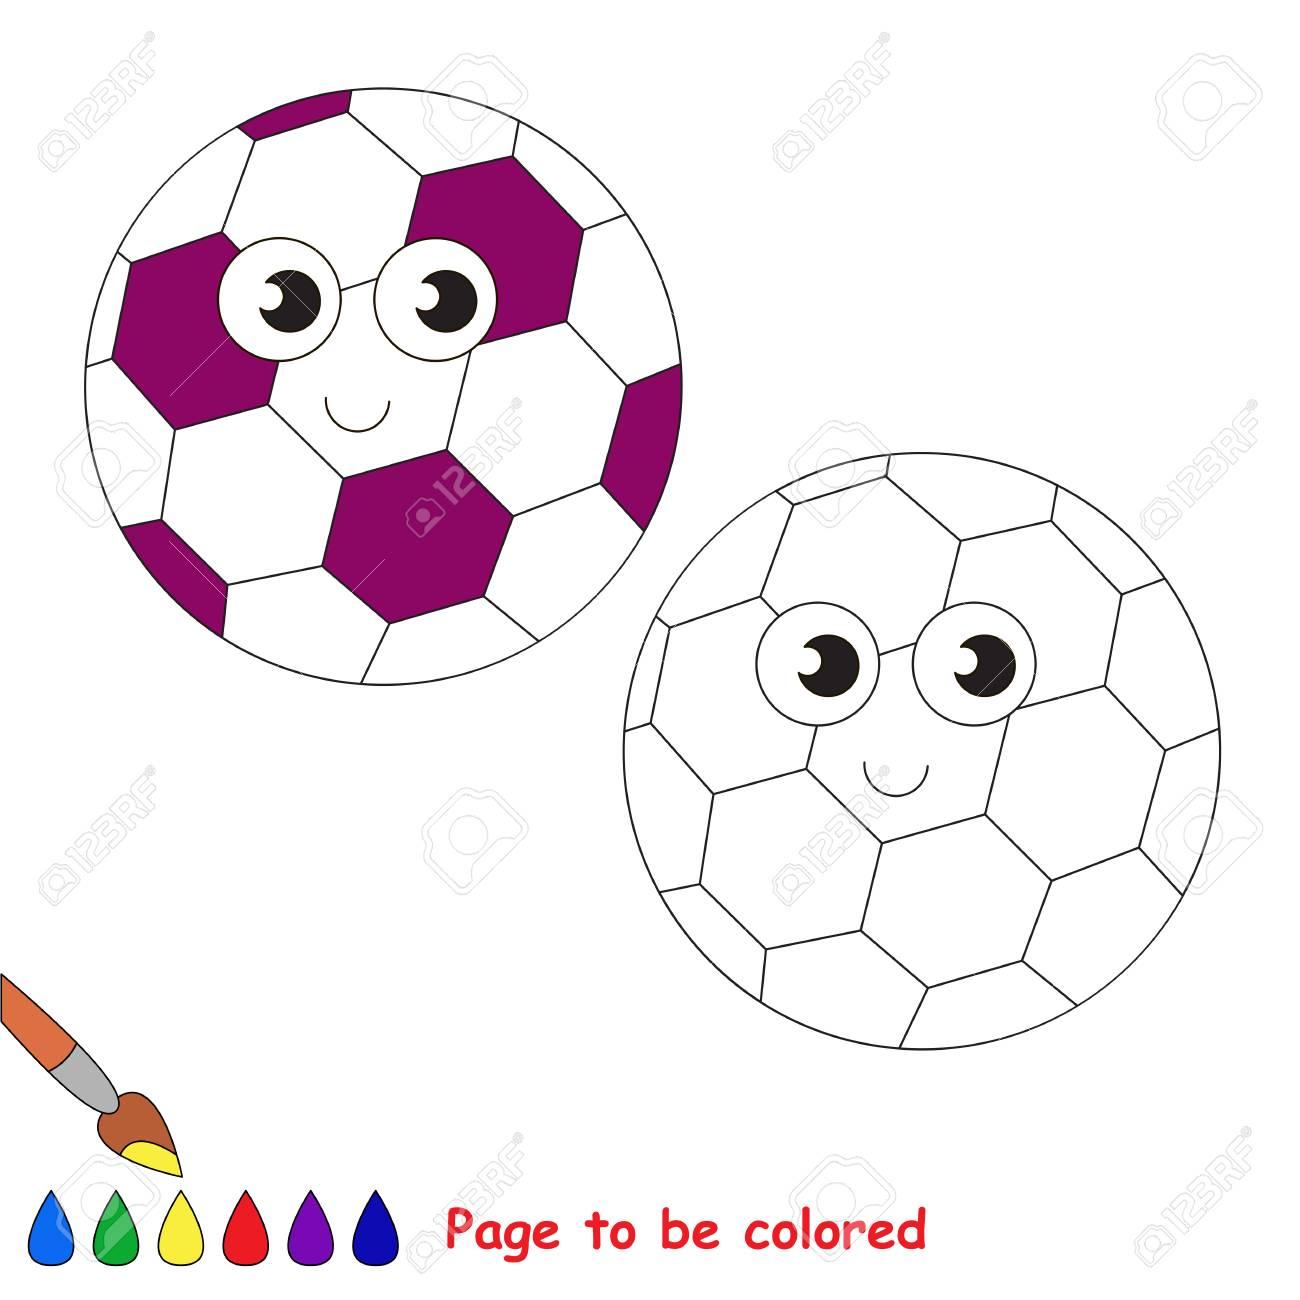 Balón De Fútbol Para Colorear El Libro Para Colorear Para Educar A Los Niños En Edad Preescolar Con Juegos Educativos Fáciles Para Niños Y